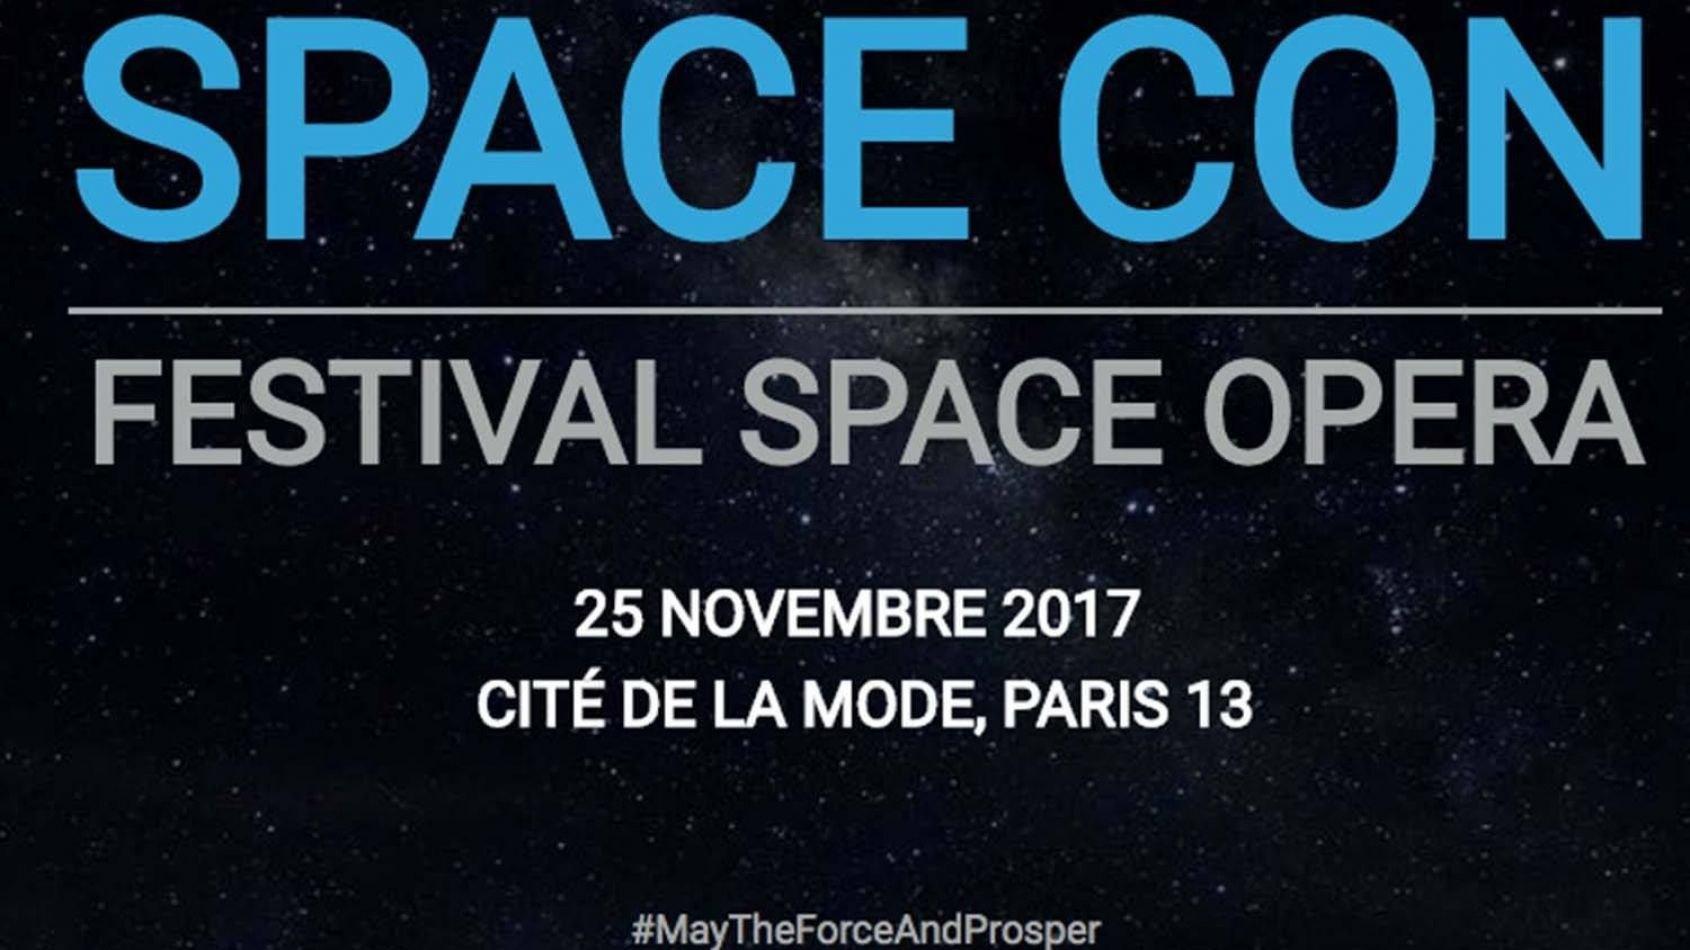 Annonce du Space Con